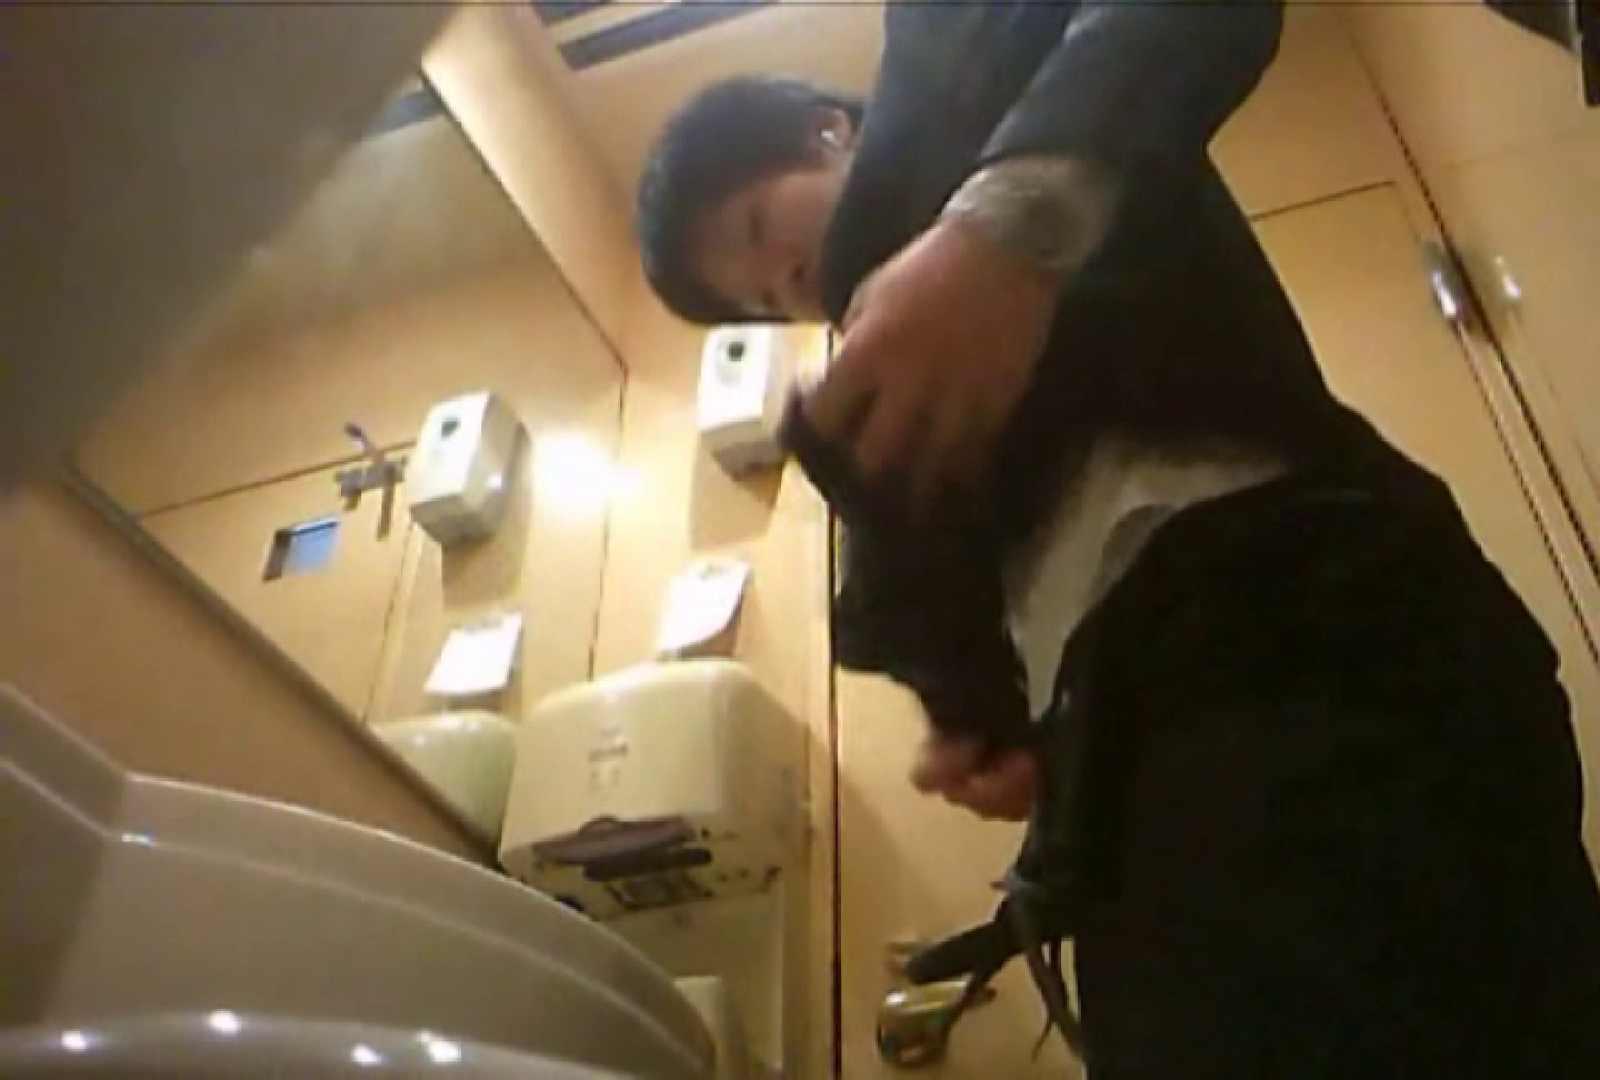 SEASON 3rd!掴み取りさんの洗面所覗き!in新幹線!VOL.23 ボーイズ覗き | のぞき  68pic 49